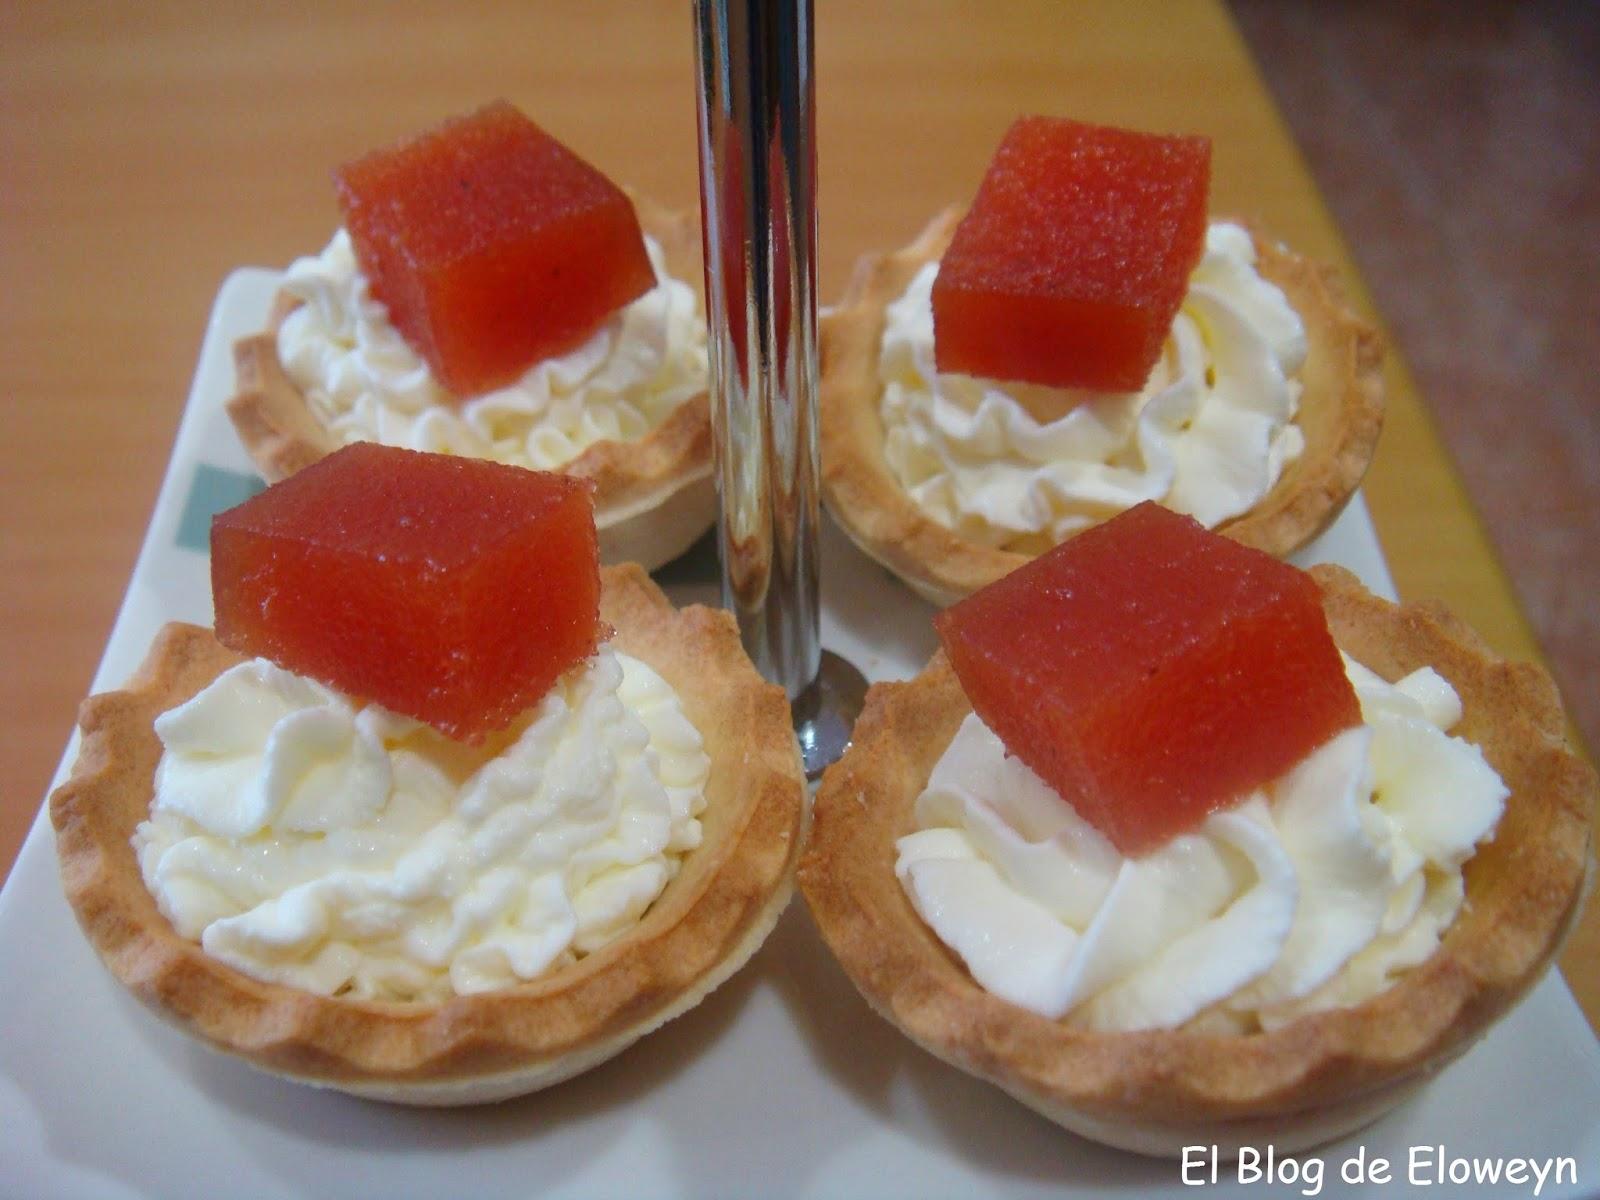 Canap s de membrillo y queso el blog de eloweyn for Canape para navidad